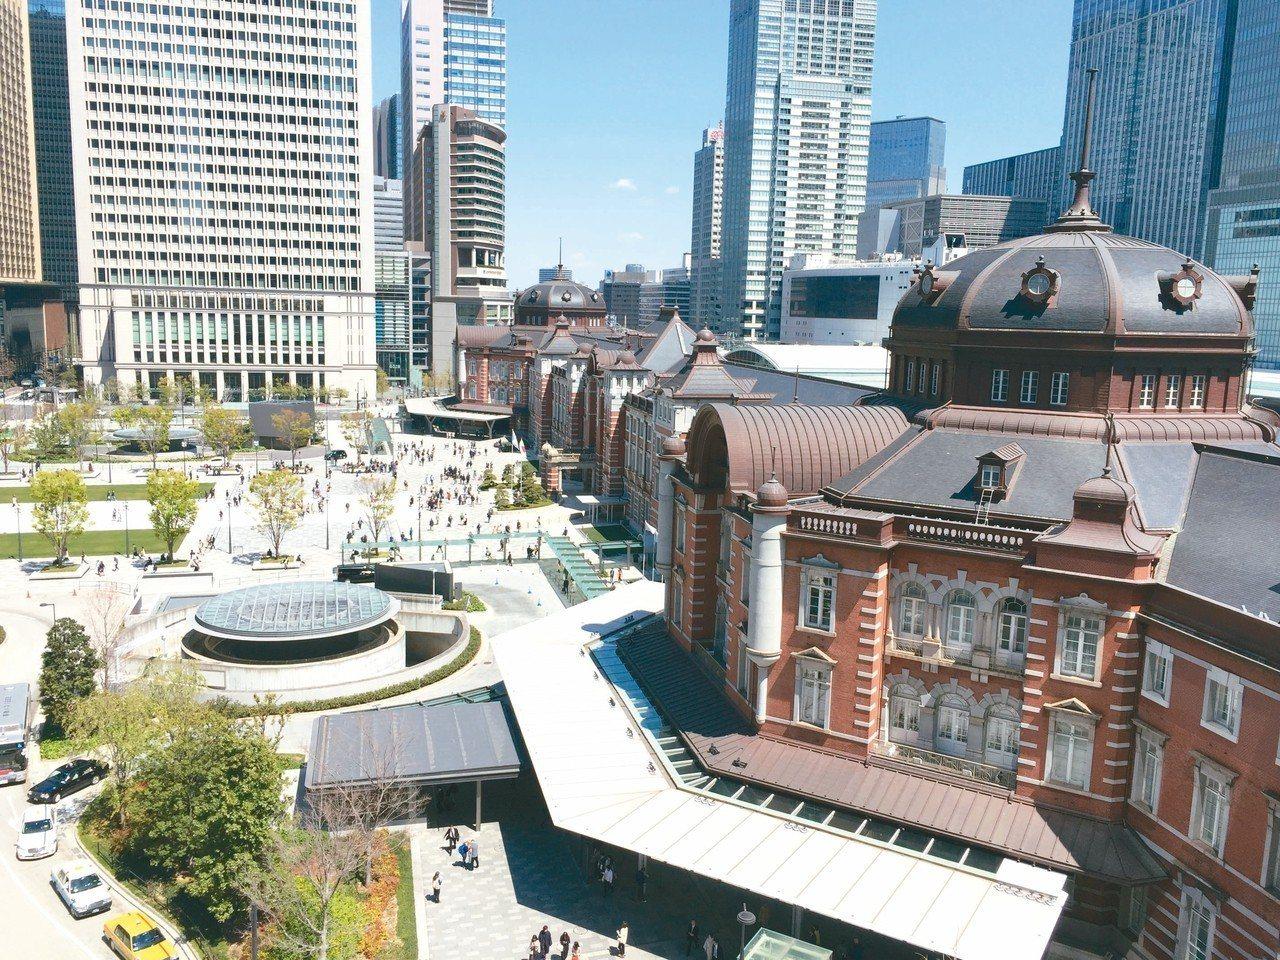 kitte六樓的戶外觀景台,能看到東京車站壯觀的拱形屋頂。 圖/陳元慈